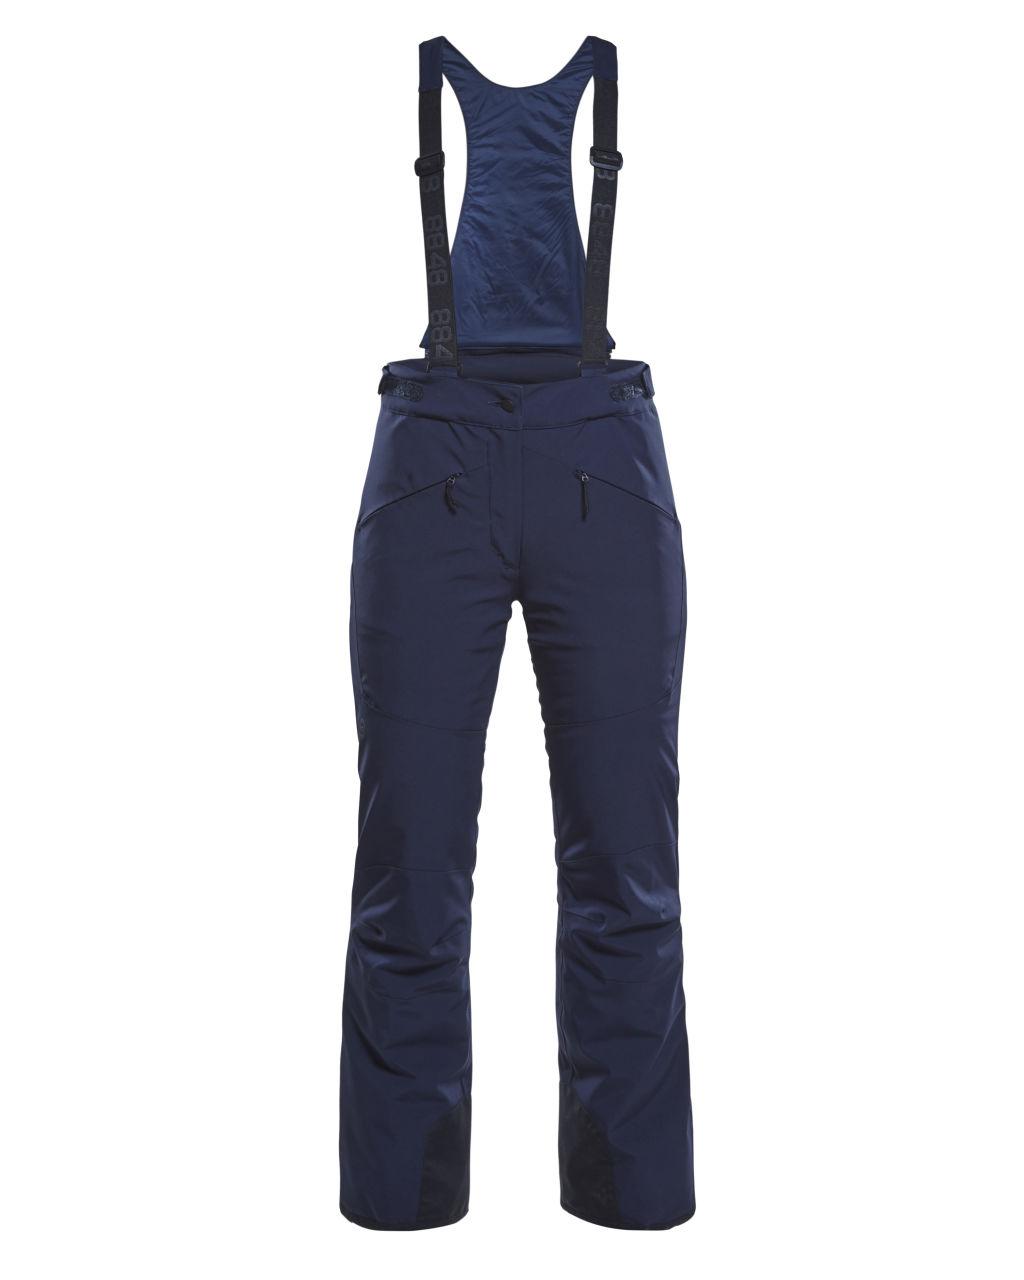 8848 Altitude Poppy Ski Pants W - Naisten toppahousut - Intersport 406193a13f